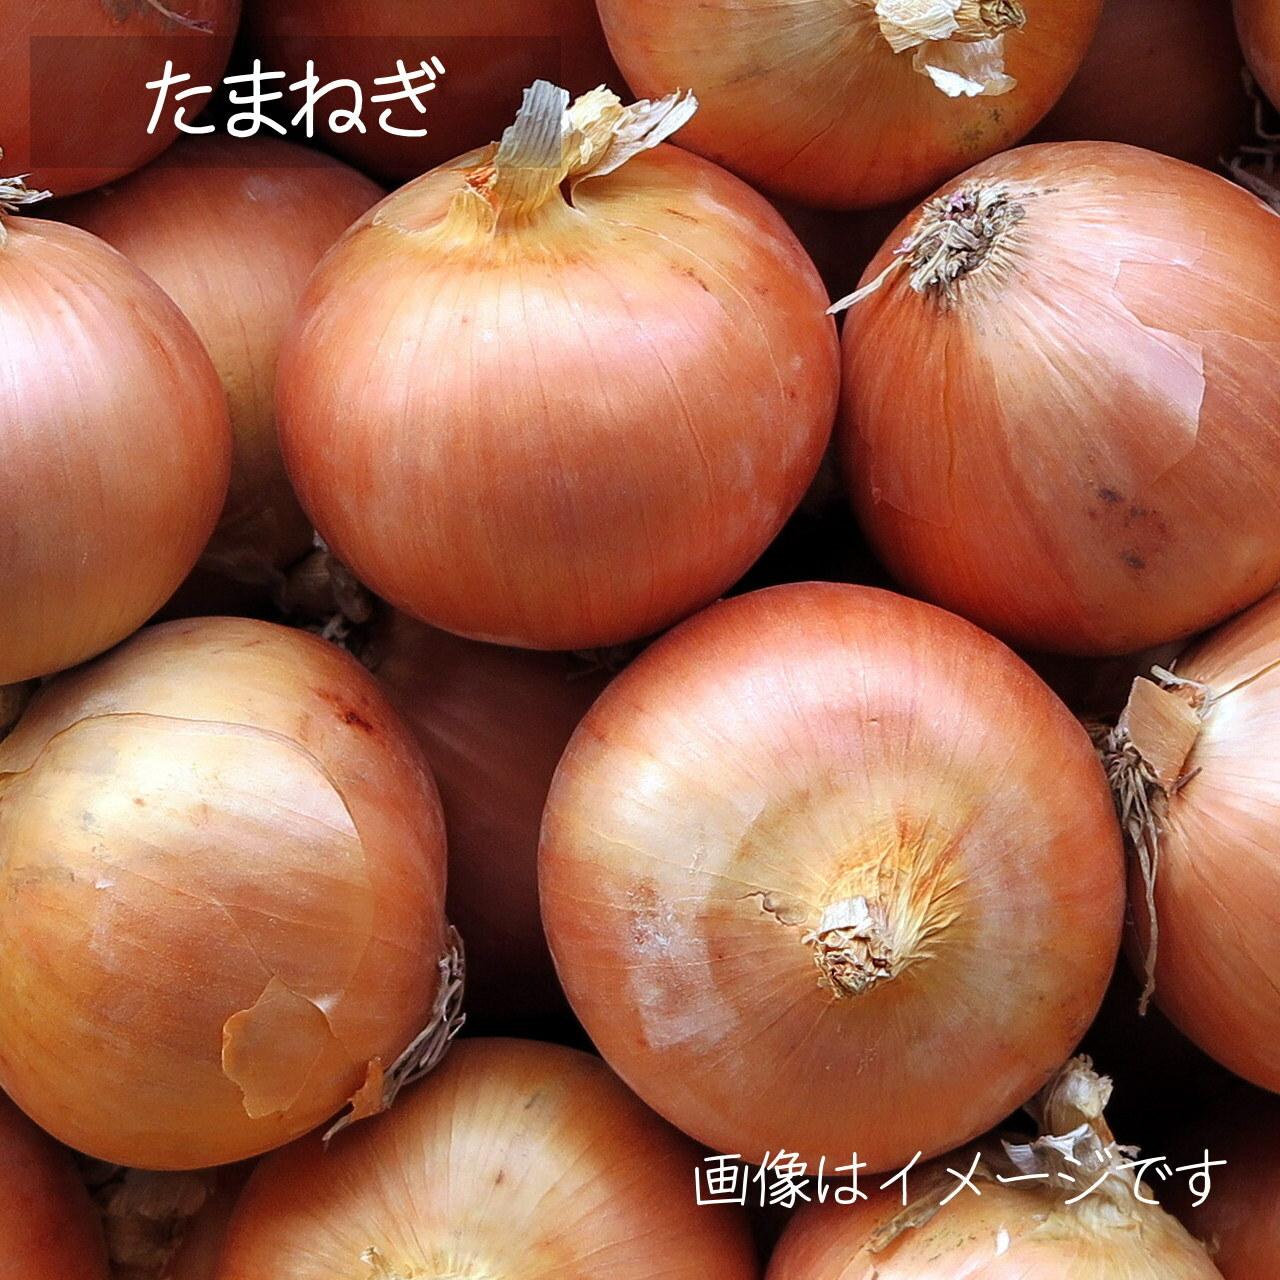 新鮮な夏野菜 : たまねぎ 約3~4個 8月の朝採り直売野菜 8月31日発送予定